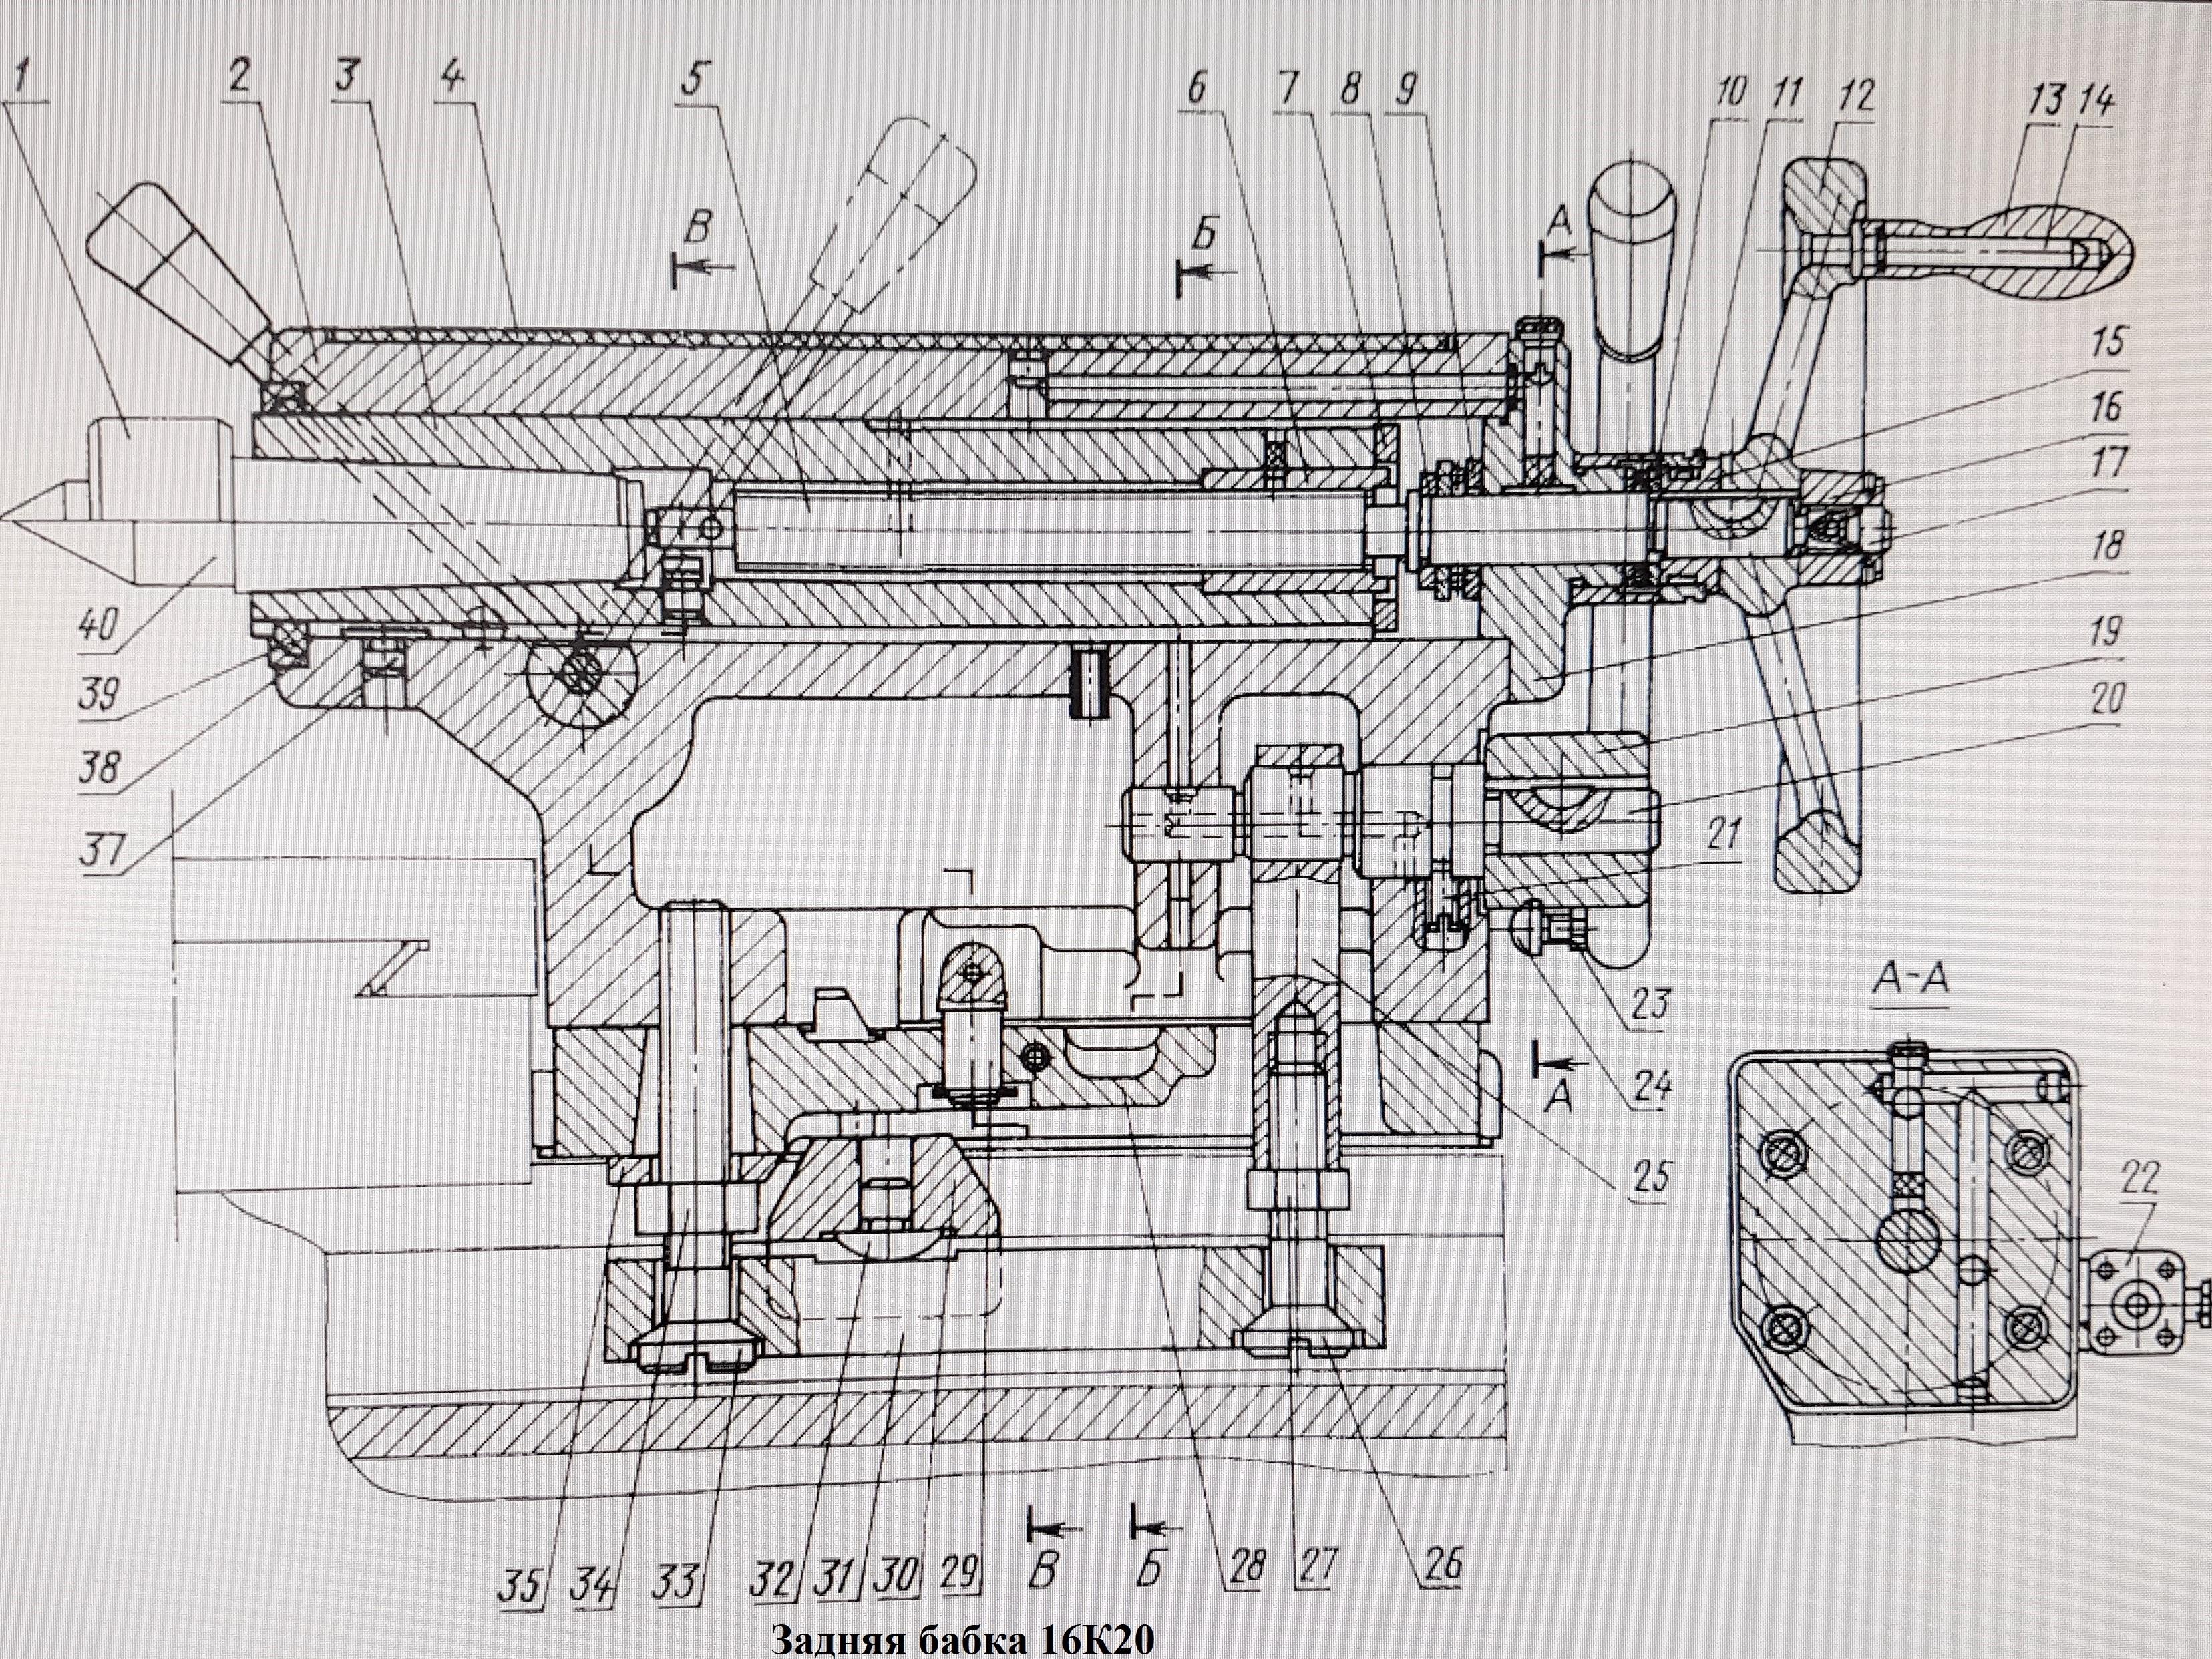 Как выставить заднюю бабку токарного станка? - справочник по металлообработке и оборудованию